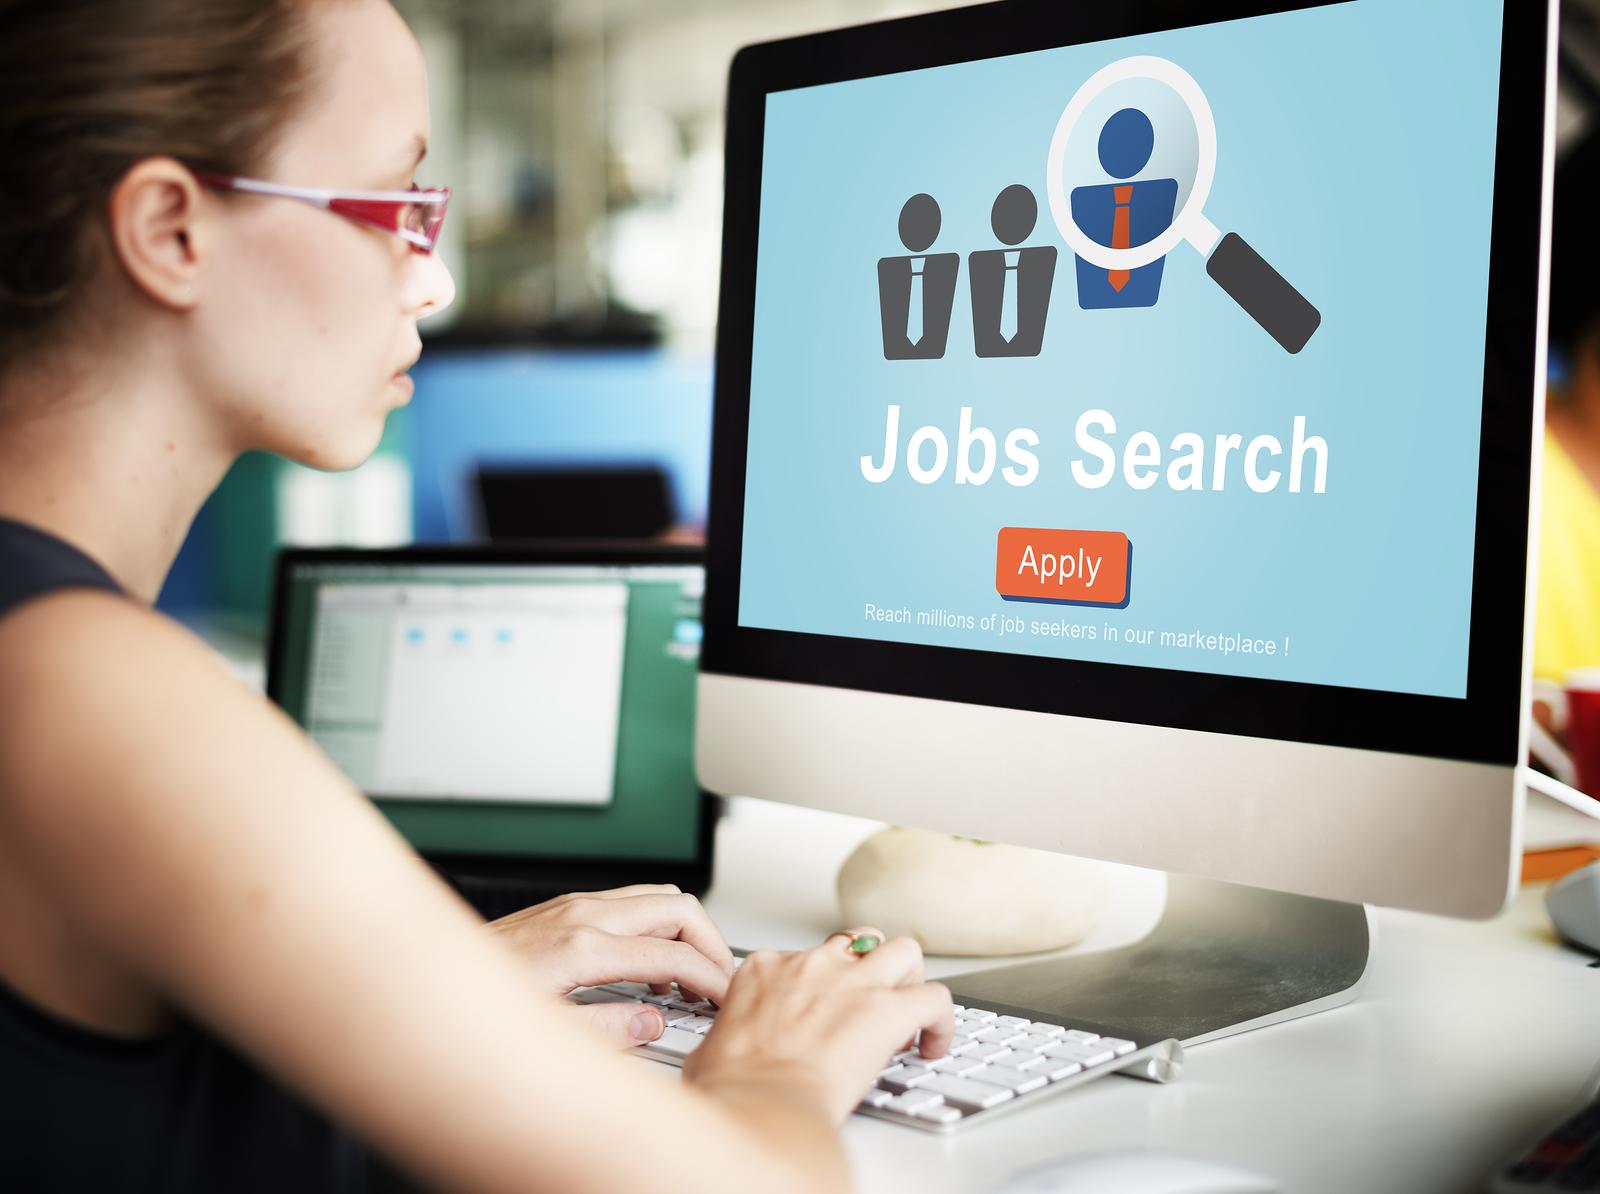 Xây dựng thương hiệu tuyển dụng hiệu quả